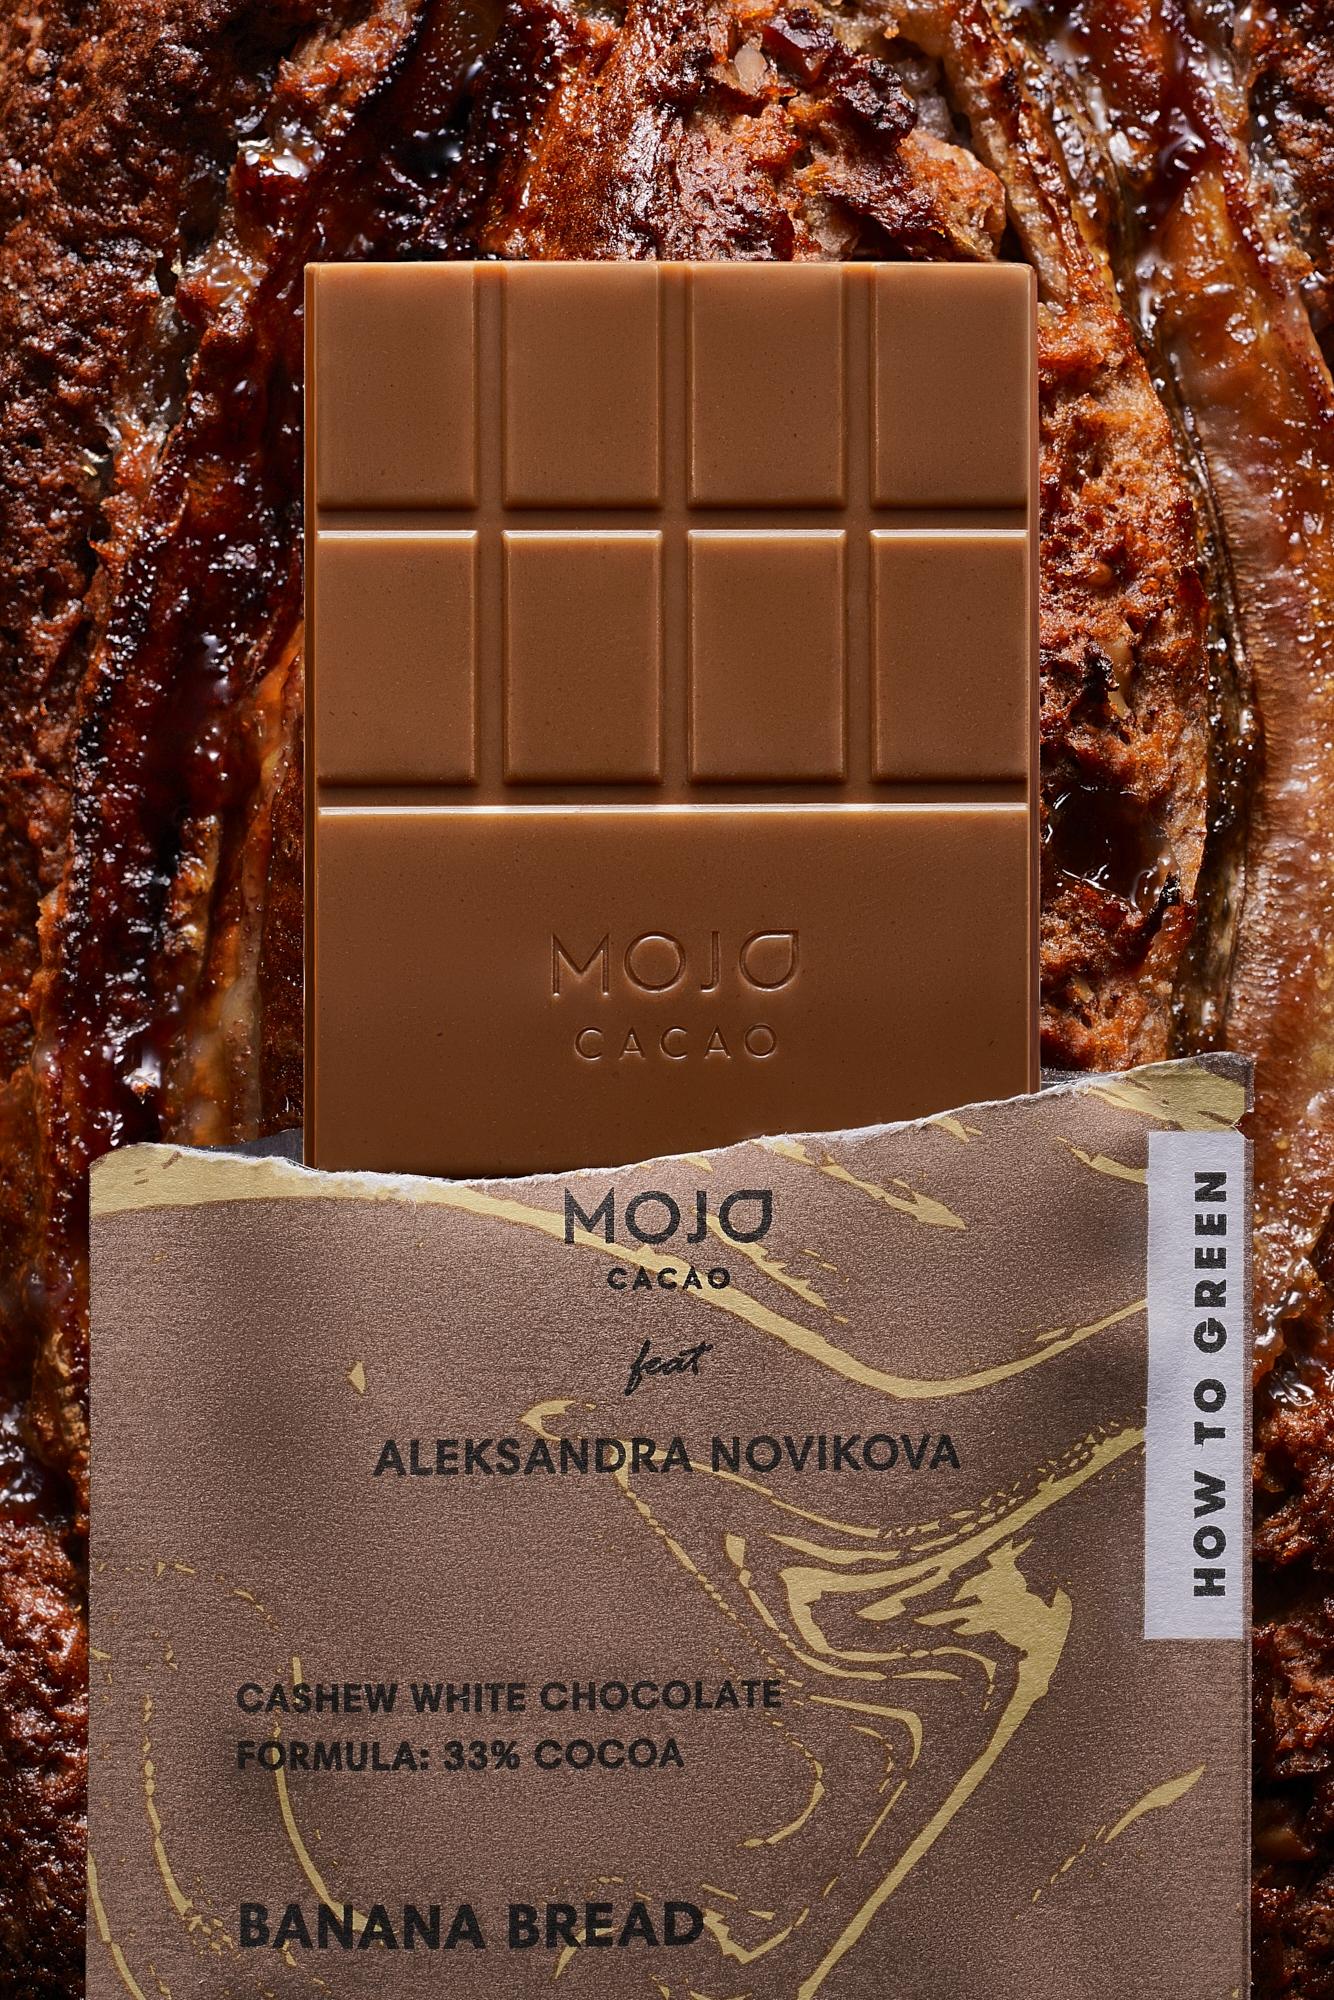 Шоколад со вкусом свежеиспеченного бананового хлеба, Mojo Cacao х Саша Новикова.jpg